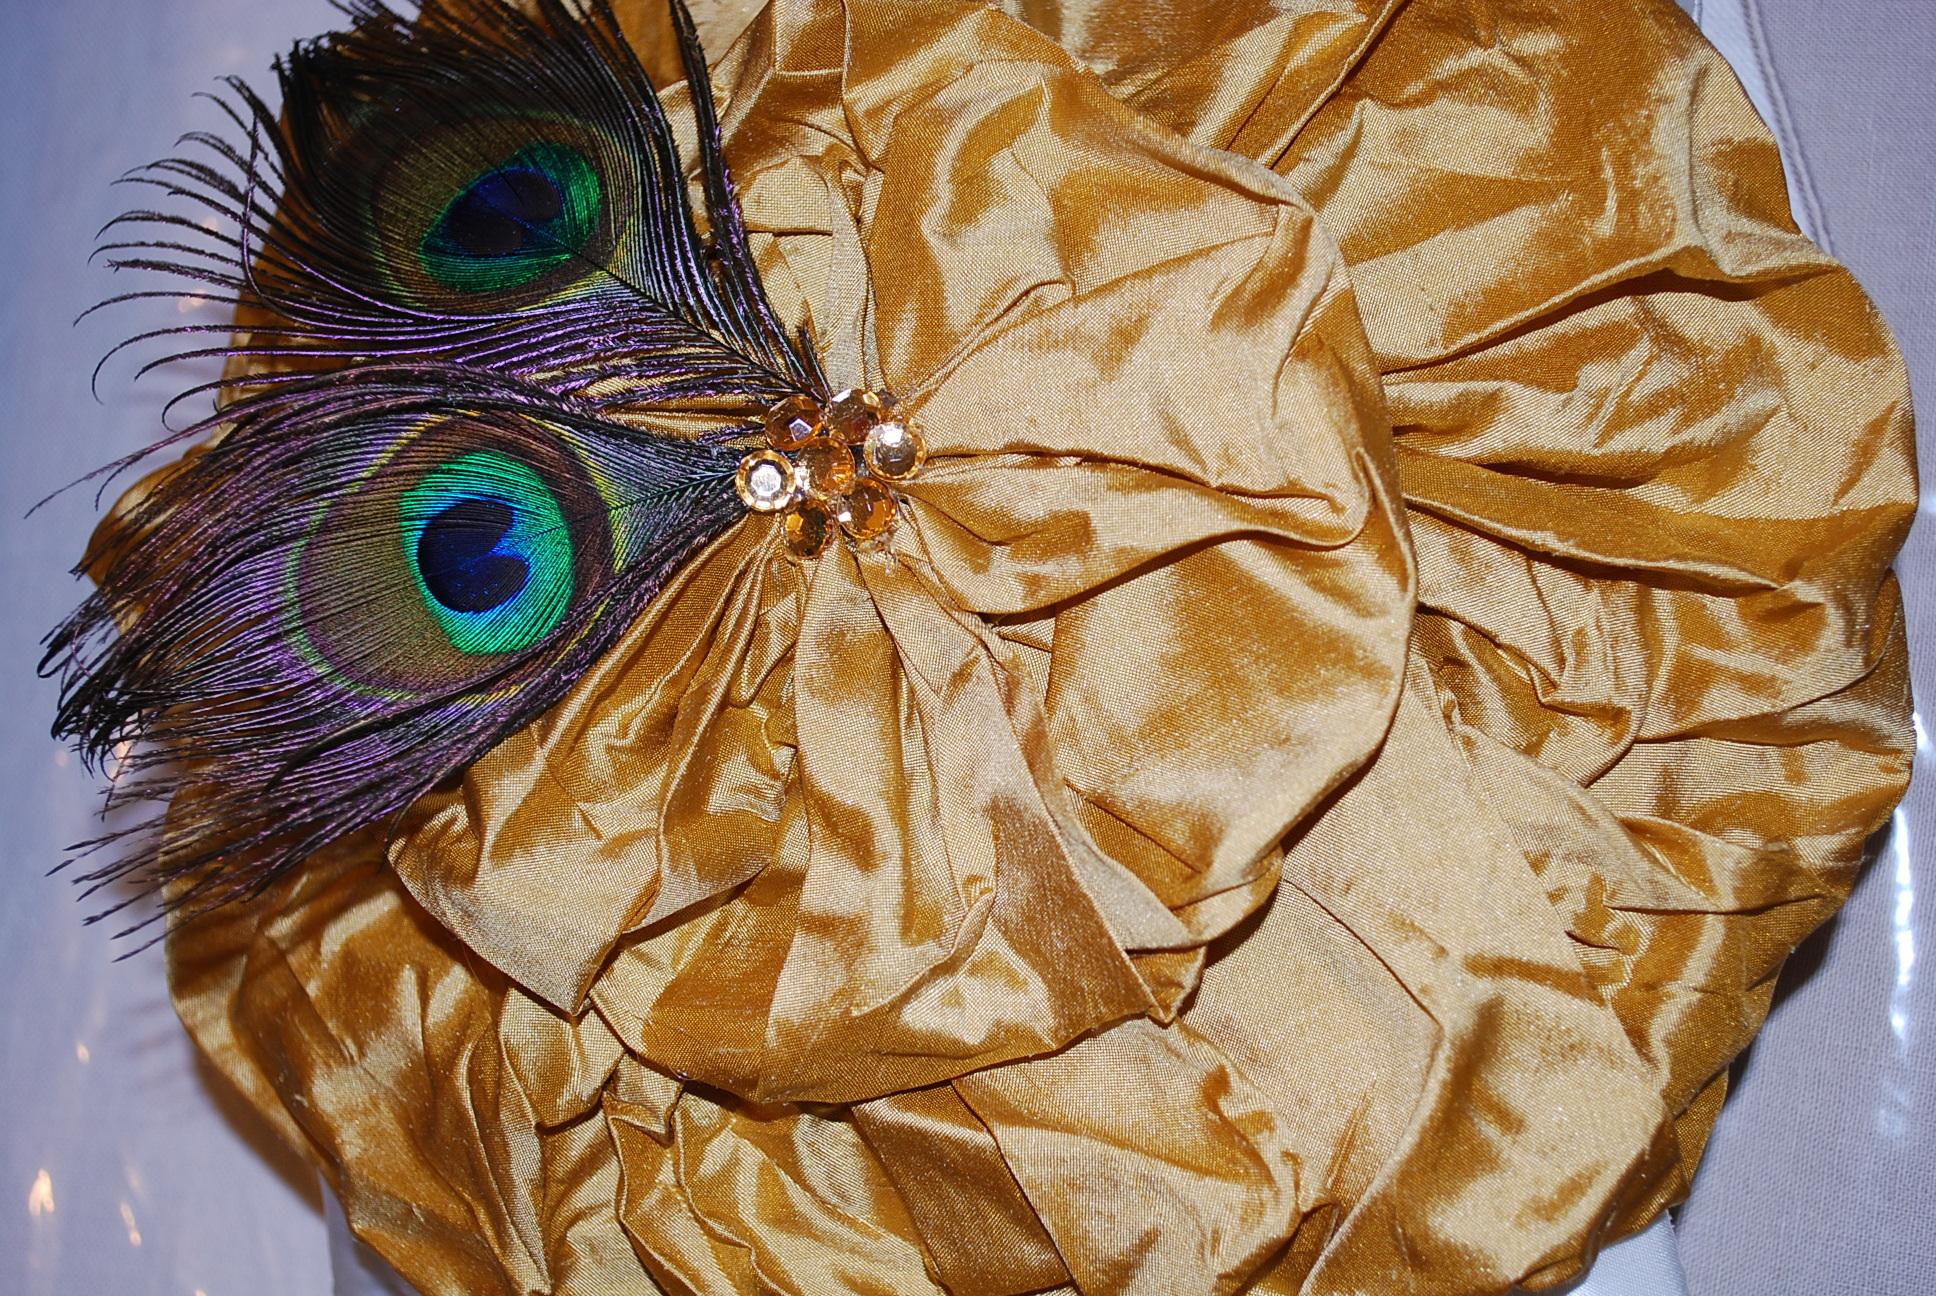 gold, Ring, Pillow, Bearer, Peacock